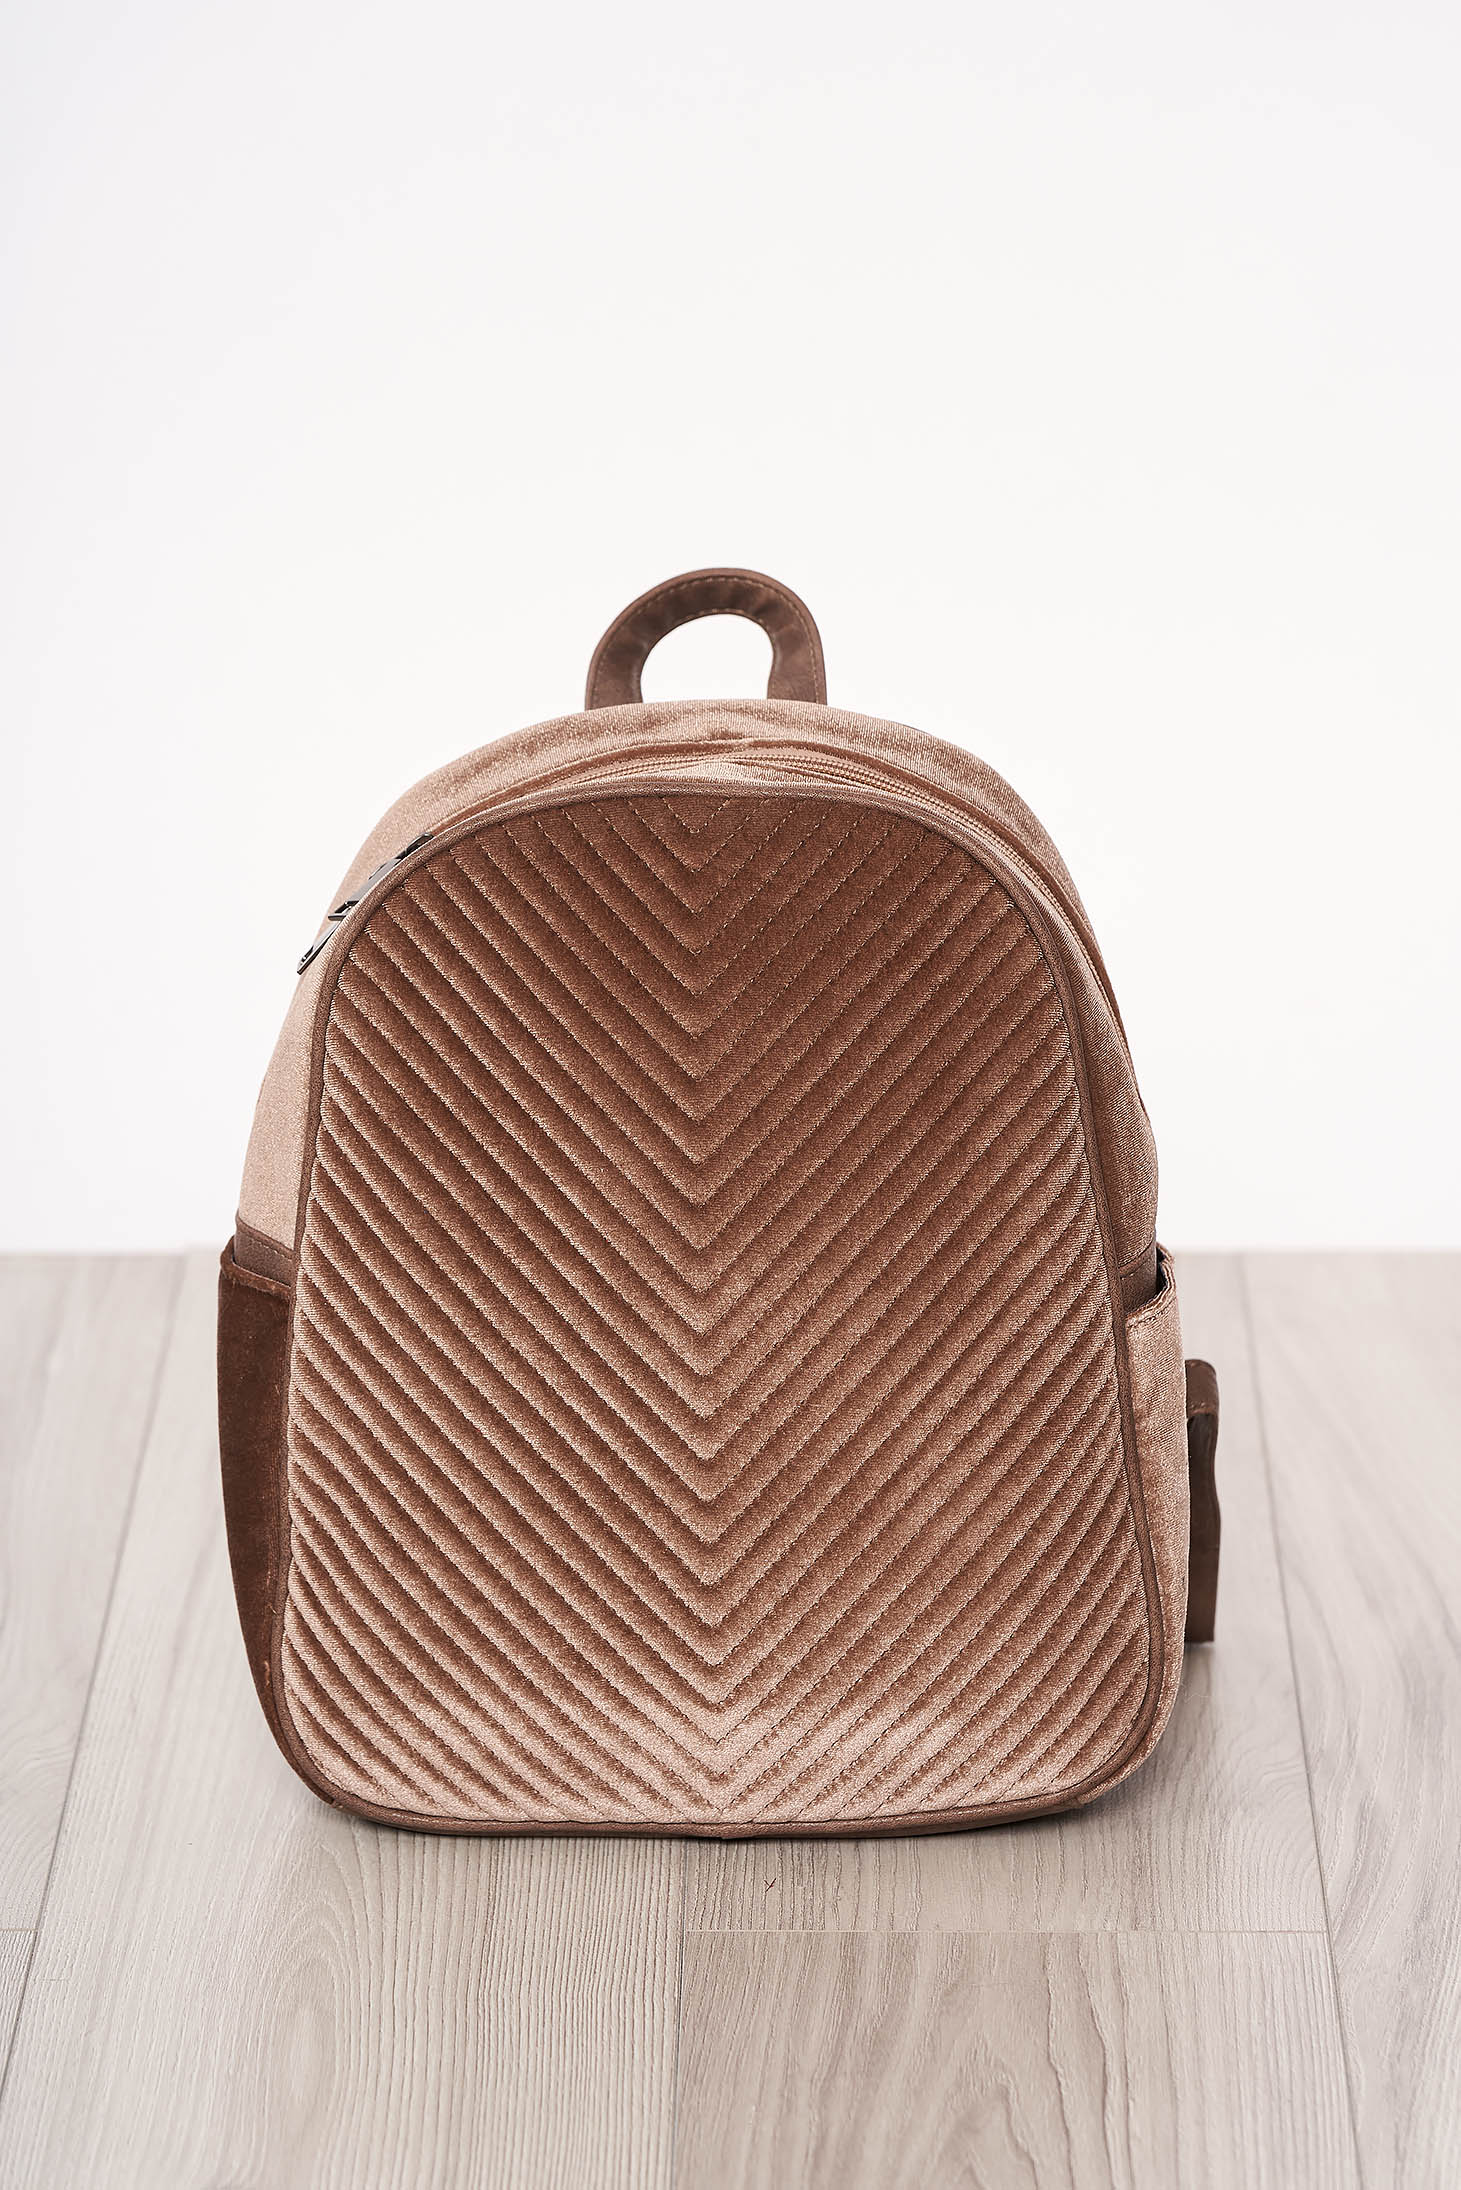 Rucsac SunShine maro din catifea accesorizat cu fermoar cu maner lung reglabil cu manere scurte